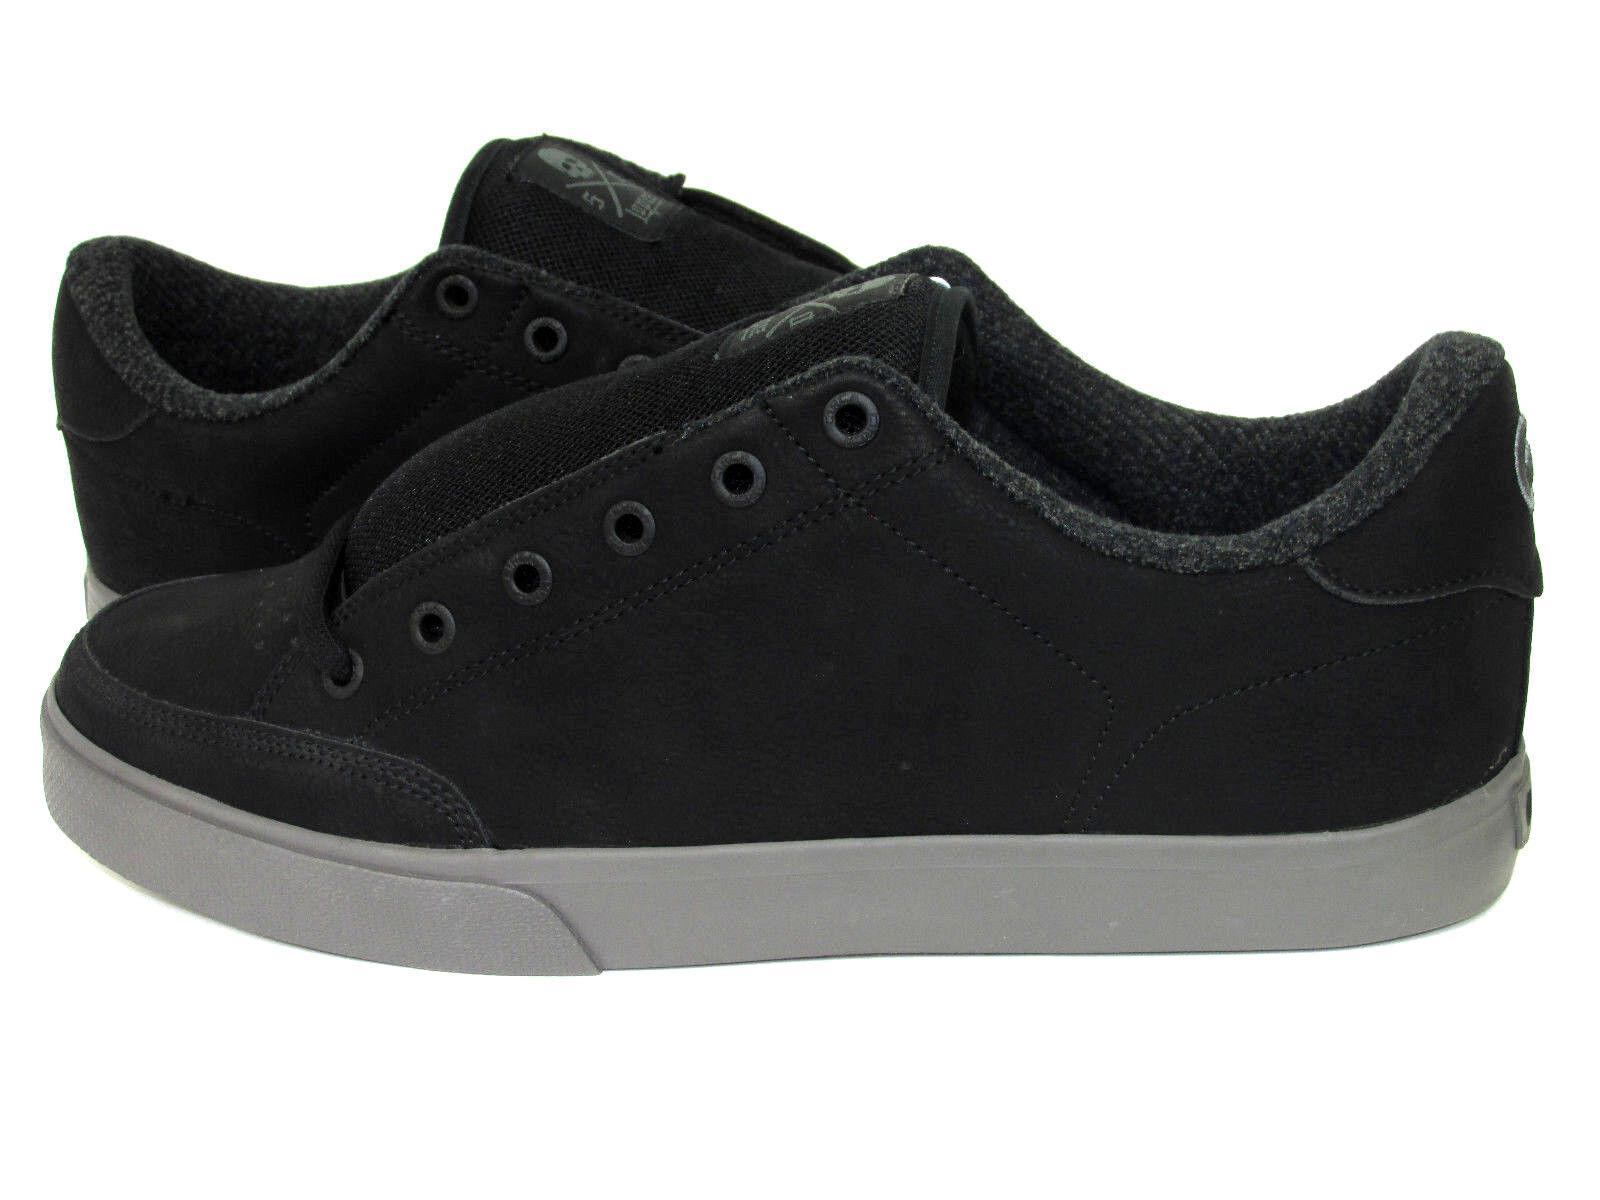 Nuevo Para hombres C1RCA LOPEZ 50 Circa zapatos AL50 bpew Negro Estaño Zapatillas Original